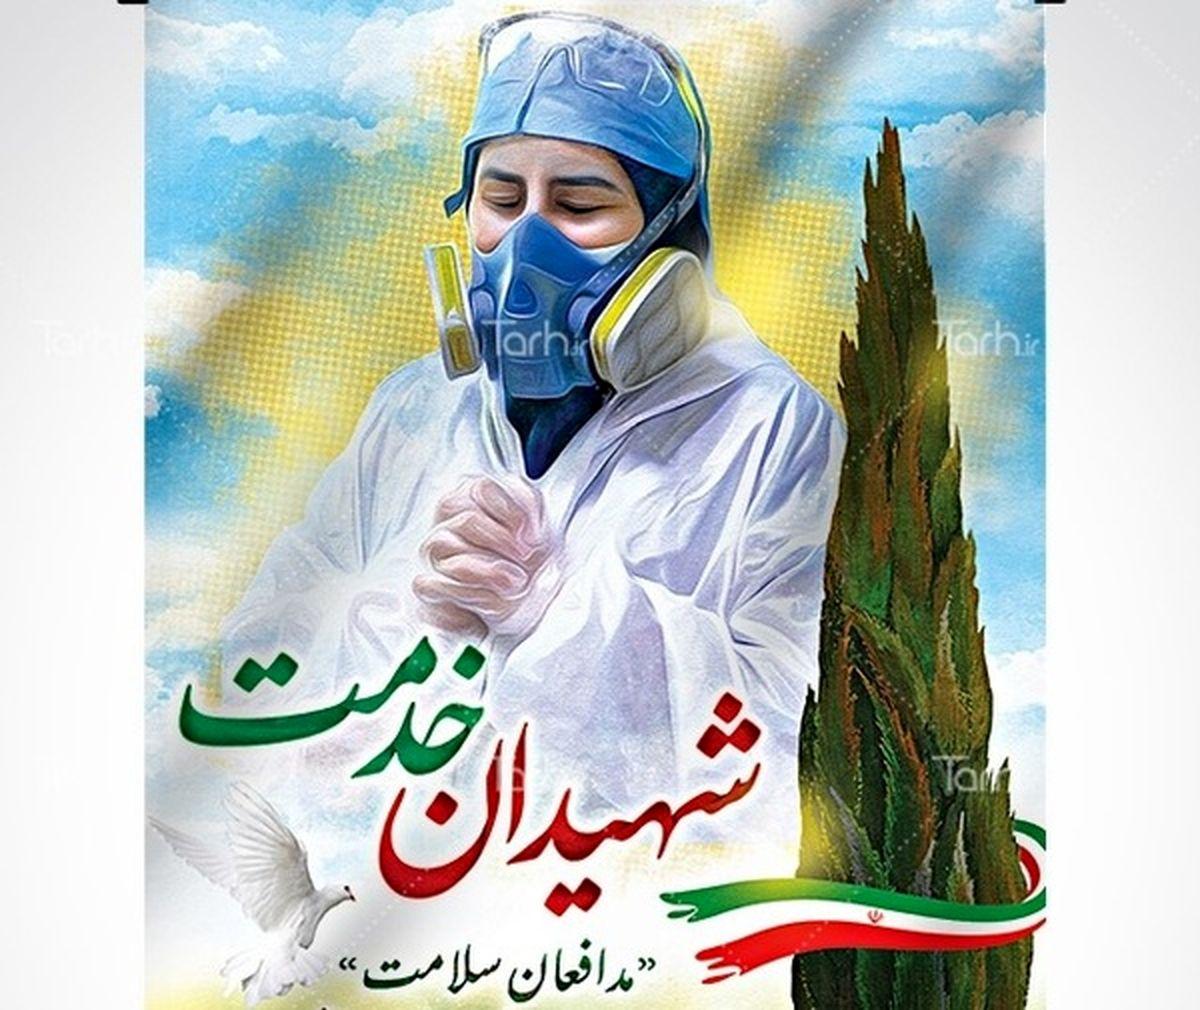 درگذشت کارشناس مرکز بهداشت البرز بر اثر کرونا